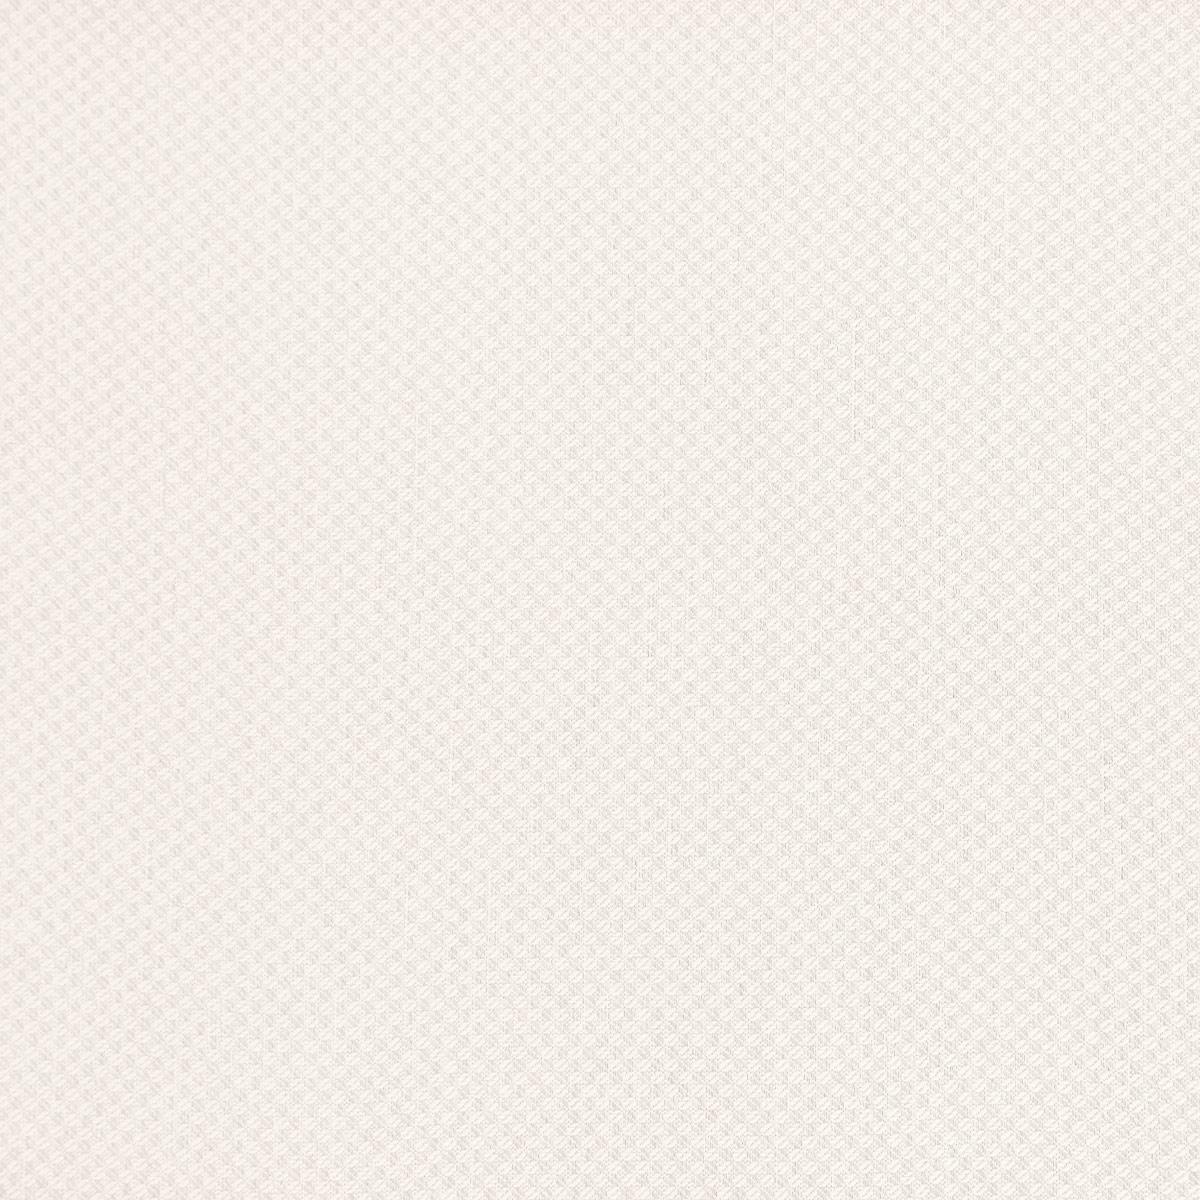 Cortina Para Sala Rústica Stark Marfim 4,20 x 2,30 Bella Janela